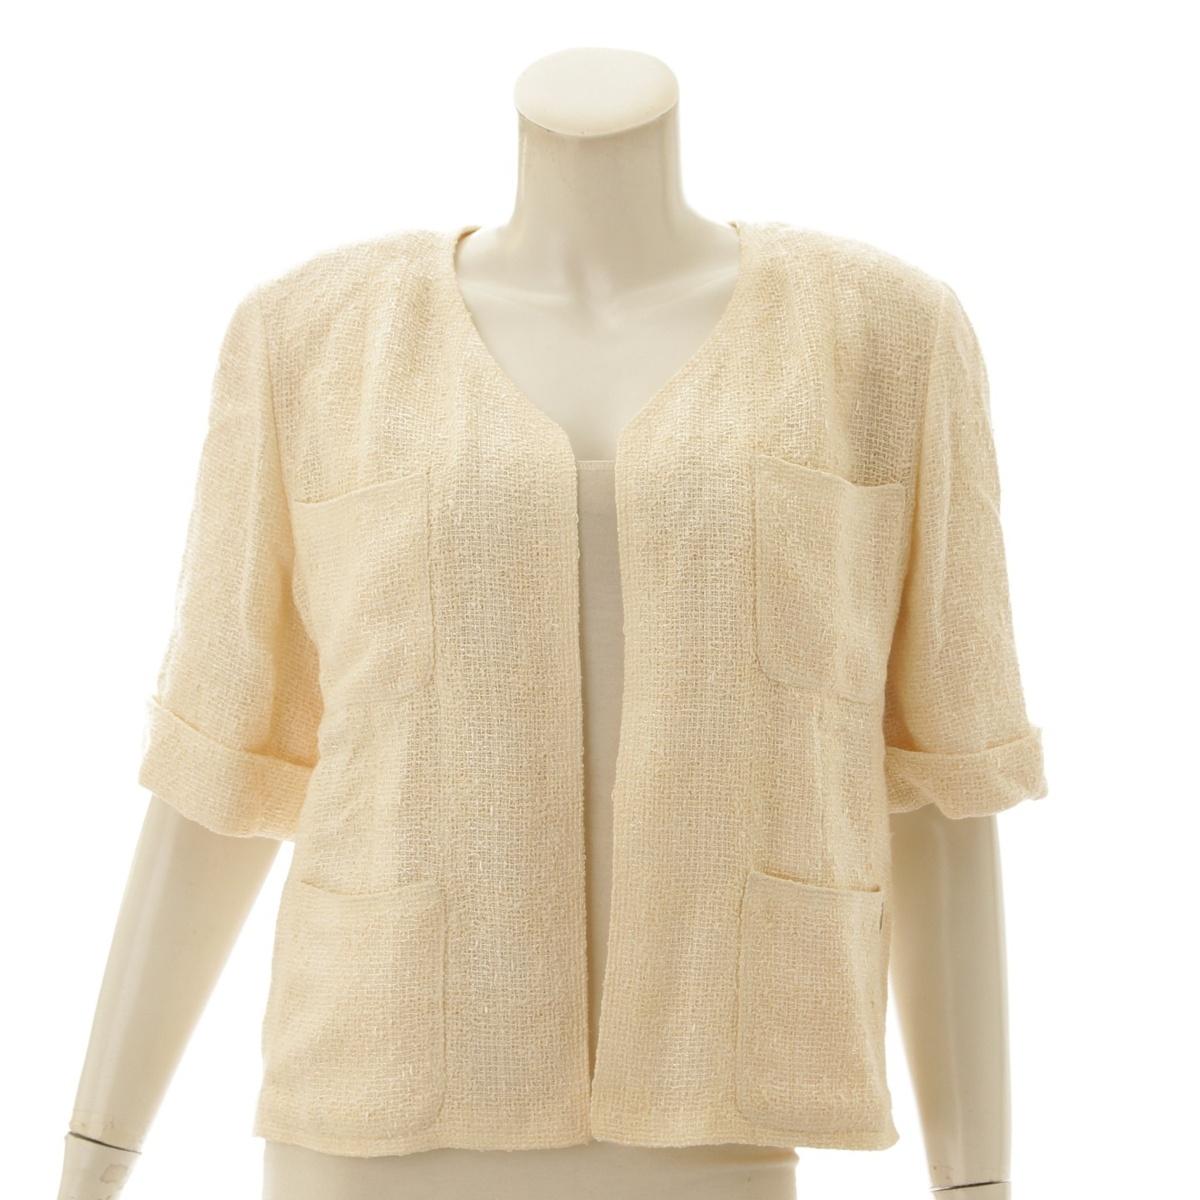 【シャネル】Chanel 99P ツイード ジャケット 五分袖 P12676 ホワイト 38 【中古】【鑑定済・正規品保証】72945